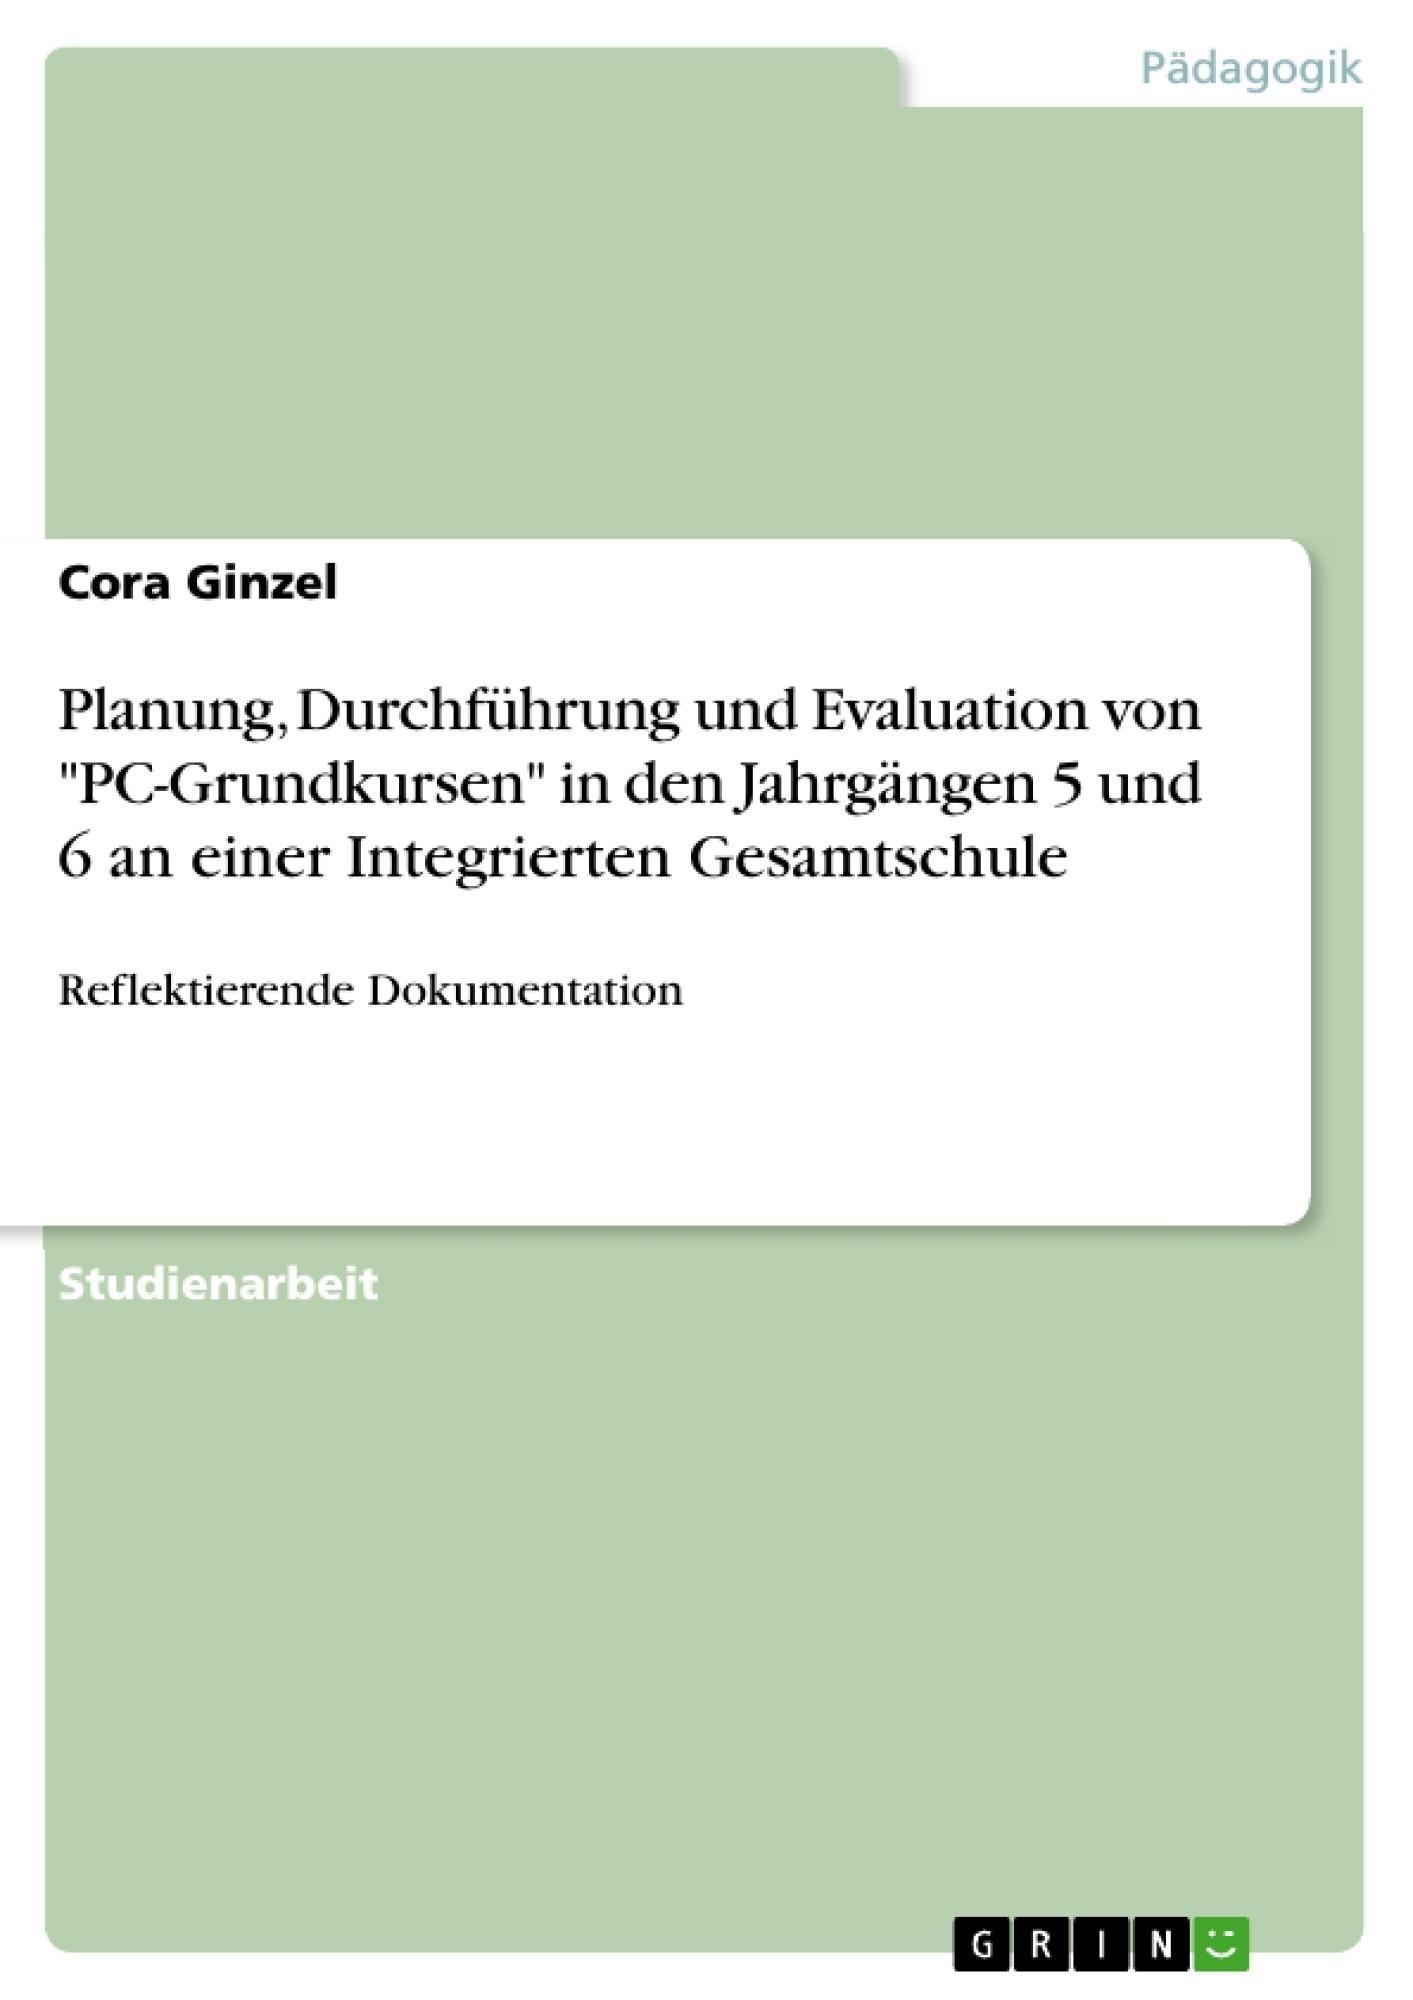 """Titel: Planung, Durchführung und Evaluation von """"PC-Grundkursen"""" in den Jahrgängen 5 und 6 an einer Integrierten Gesamtschule"""